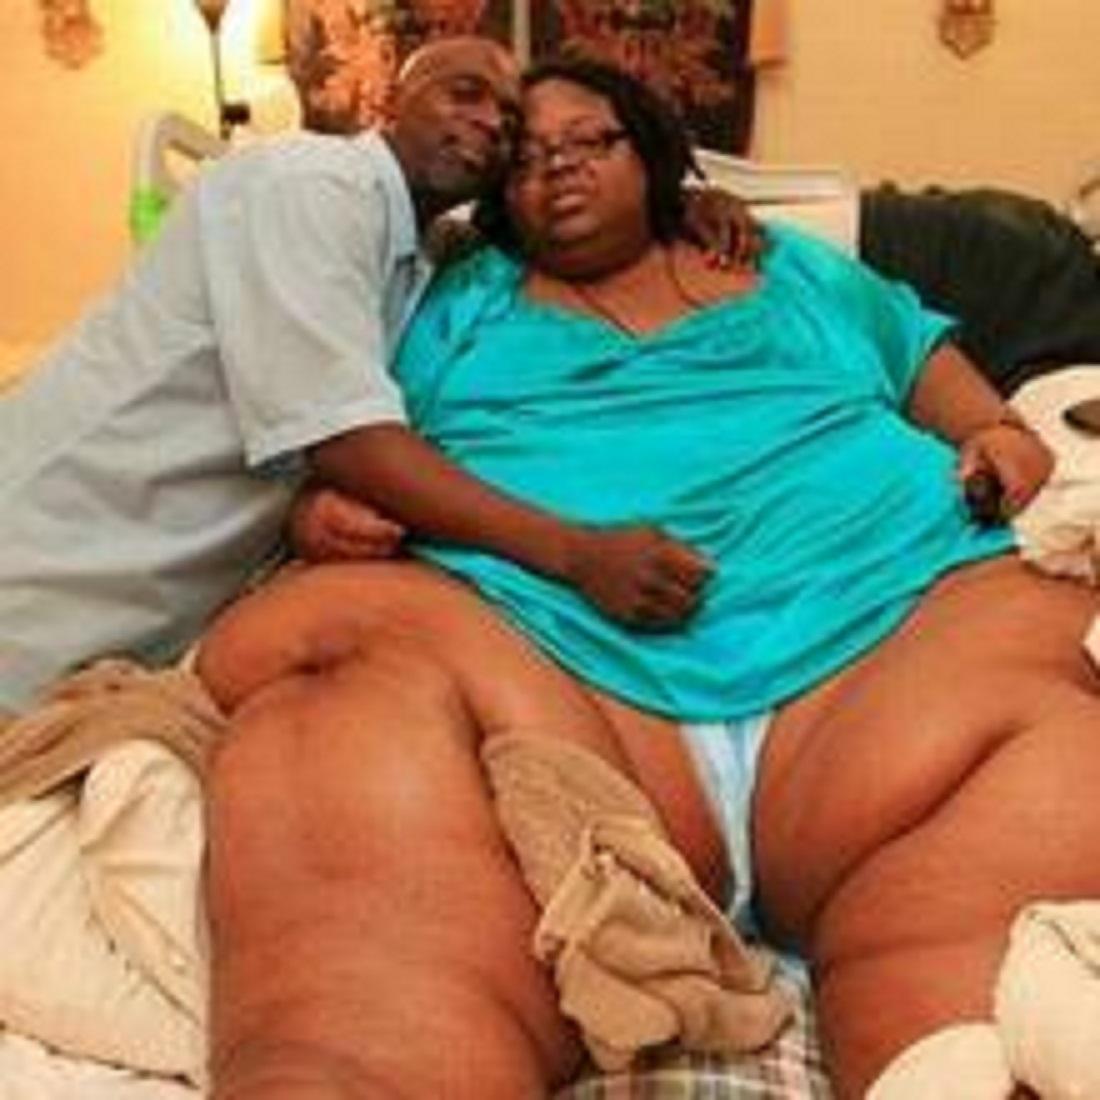 Сэкс с самыми толстыми женщинами 26 фотография